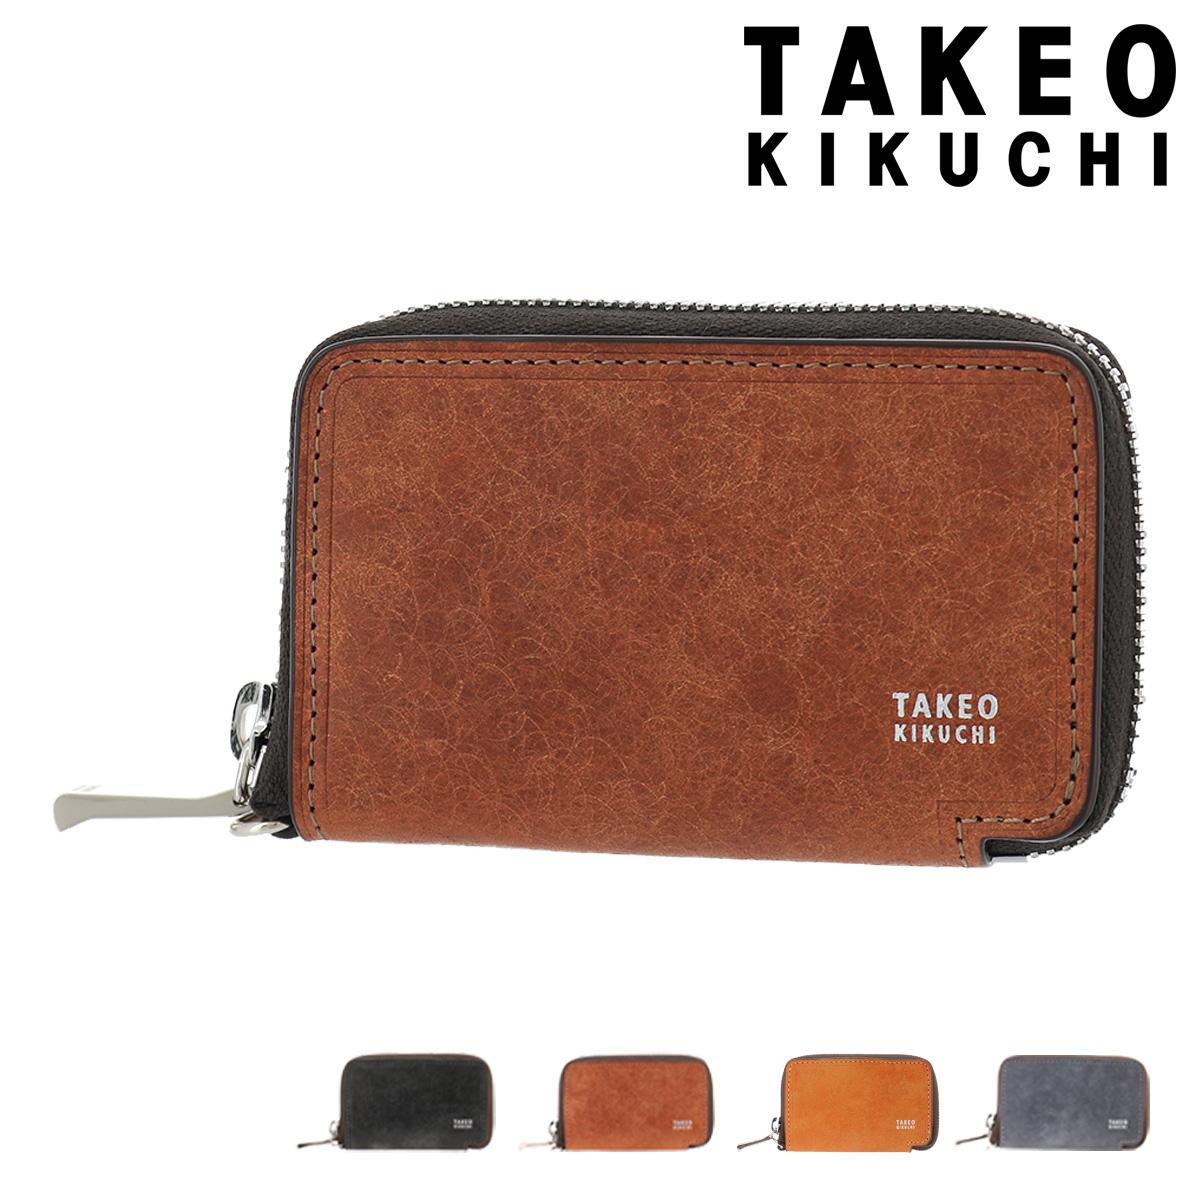 タケオキクチ キーケース スマートキー ラウンドファスナー マルゴ メンズ 780602 TAKEO KIKUCHI   キーリング 牛革 本革 レザー [PO5][bef]